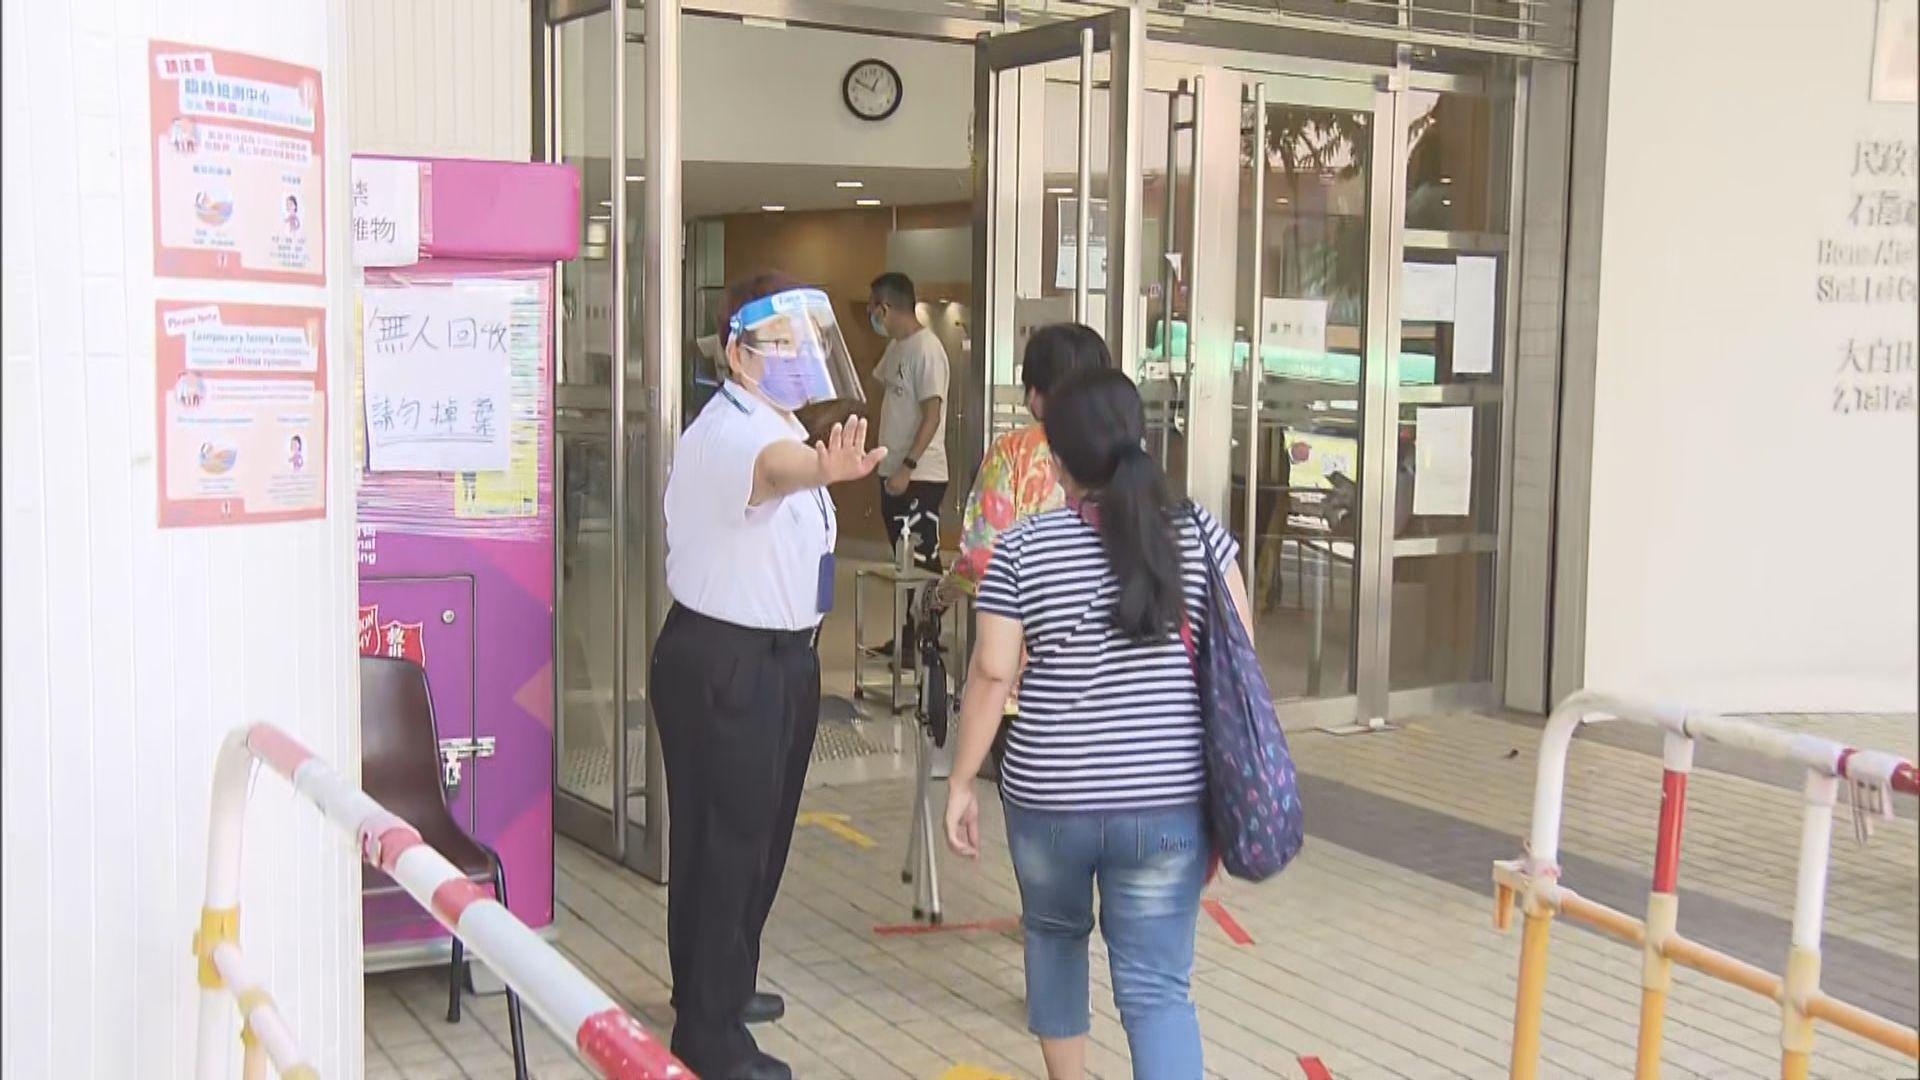 葵青臨時檢測中心開放 有做過普檢市民再來做病毒測試